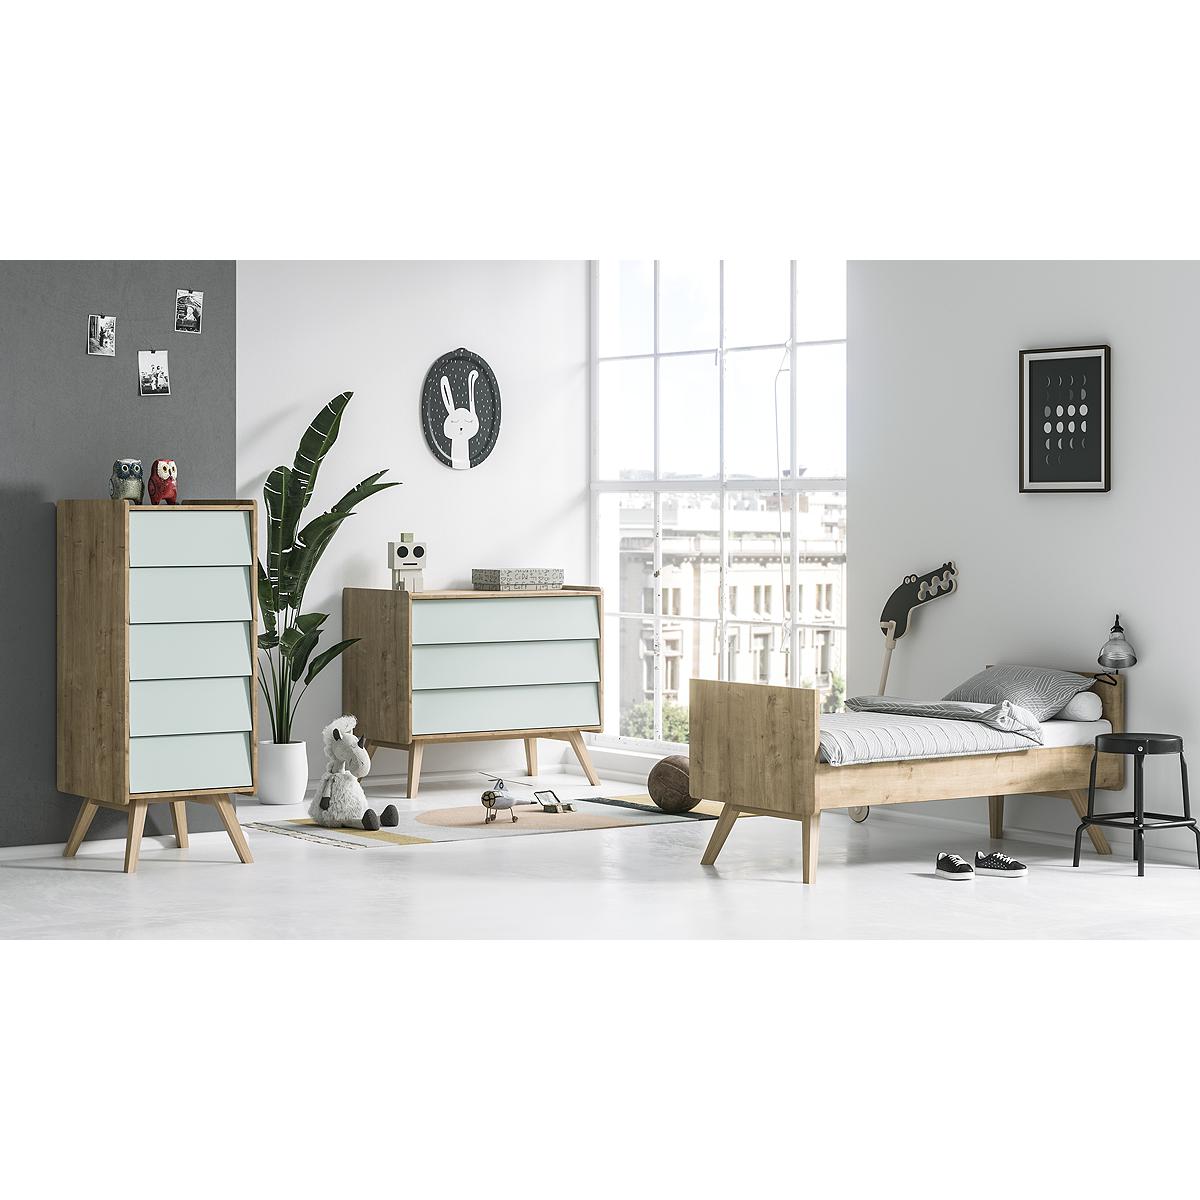 Chambre complète lit évolutif 70x140 - commode à langer - chiffonnier Vox Vintage - Bois Vert